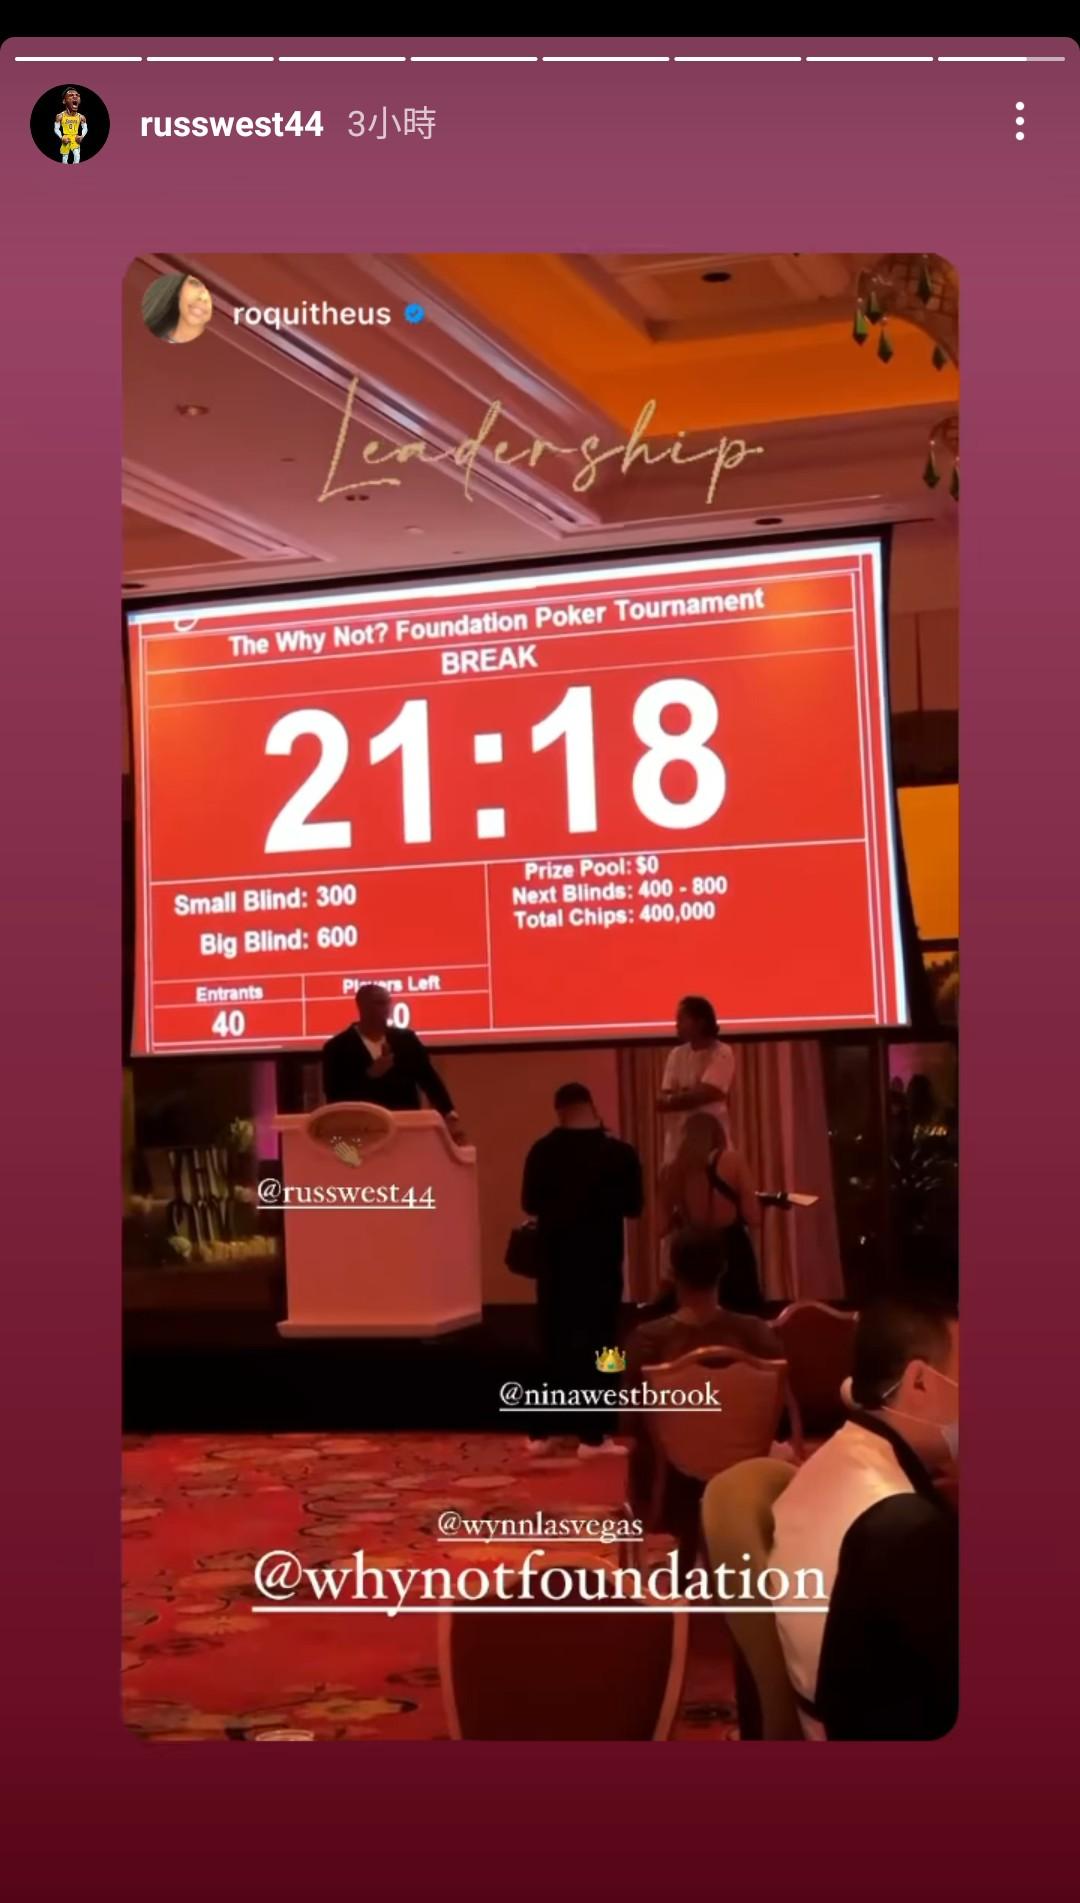 [花邊] Russell Westbrook 舉辦慈善撲克大賽